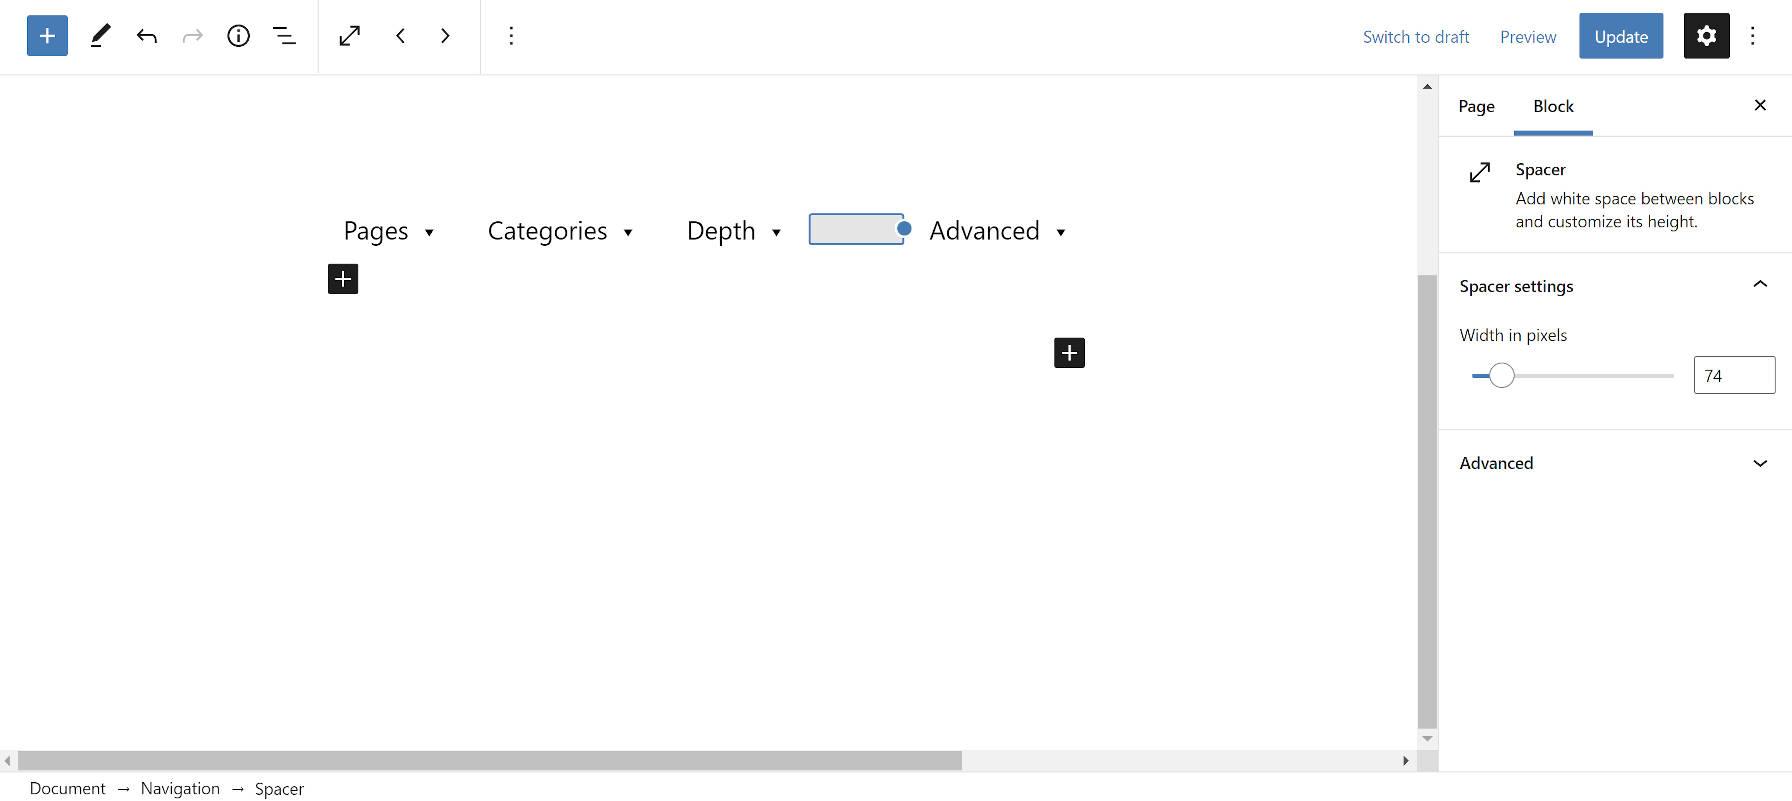 Bloc de navigation avec un bloc Spacer imbriqué dans l'éditeur de blocs WordPress.